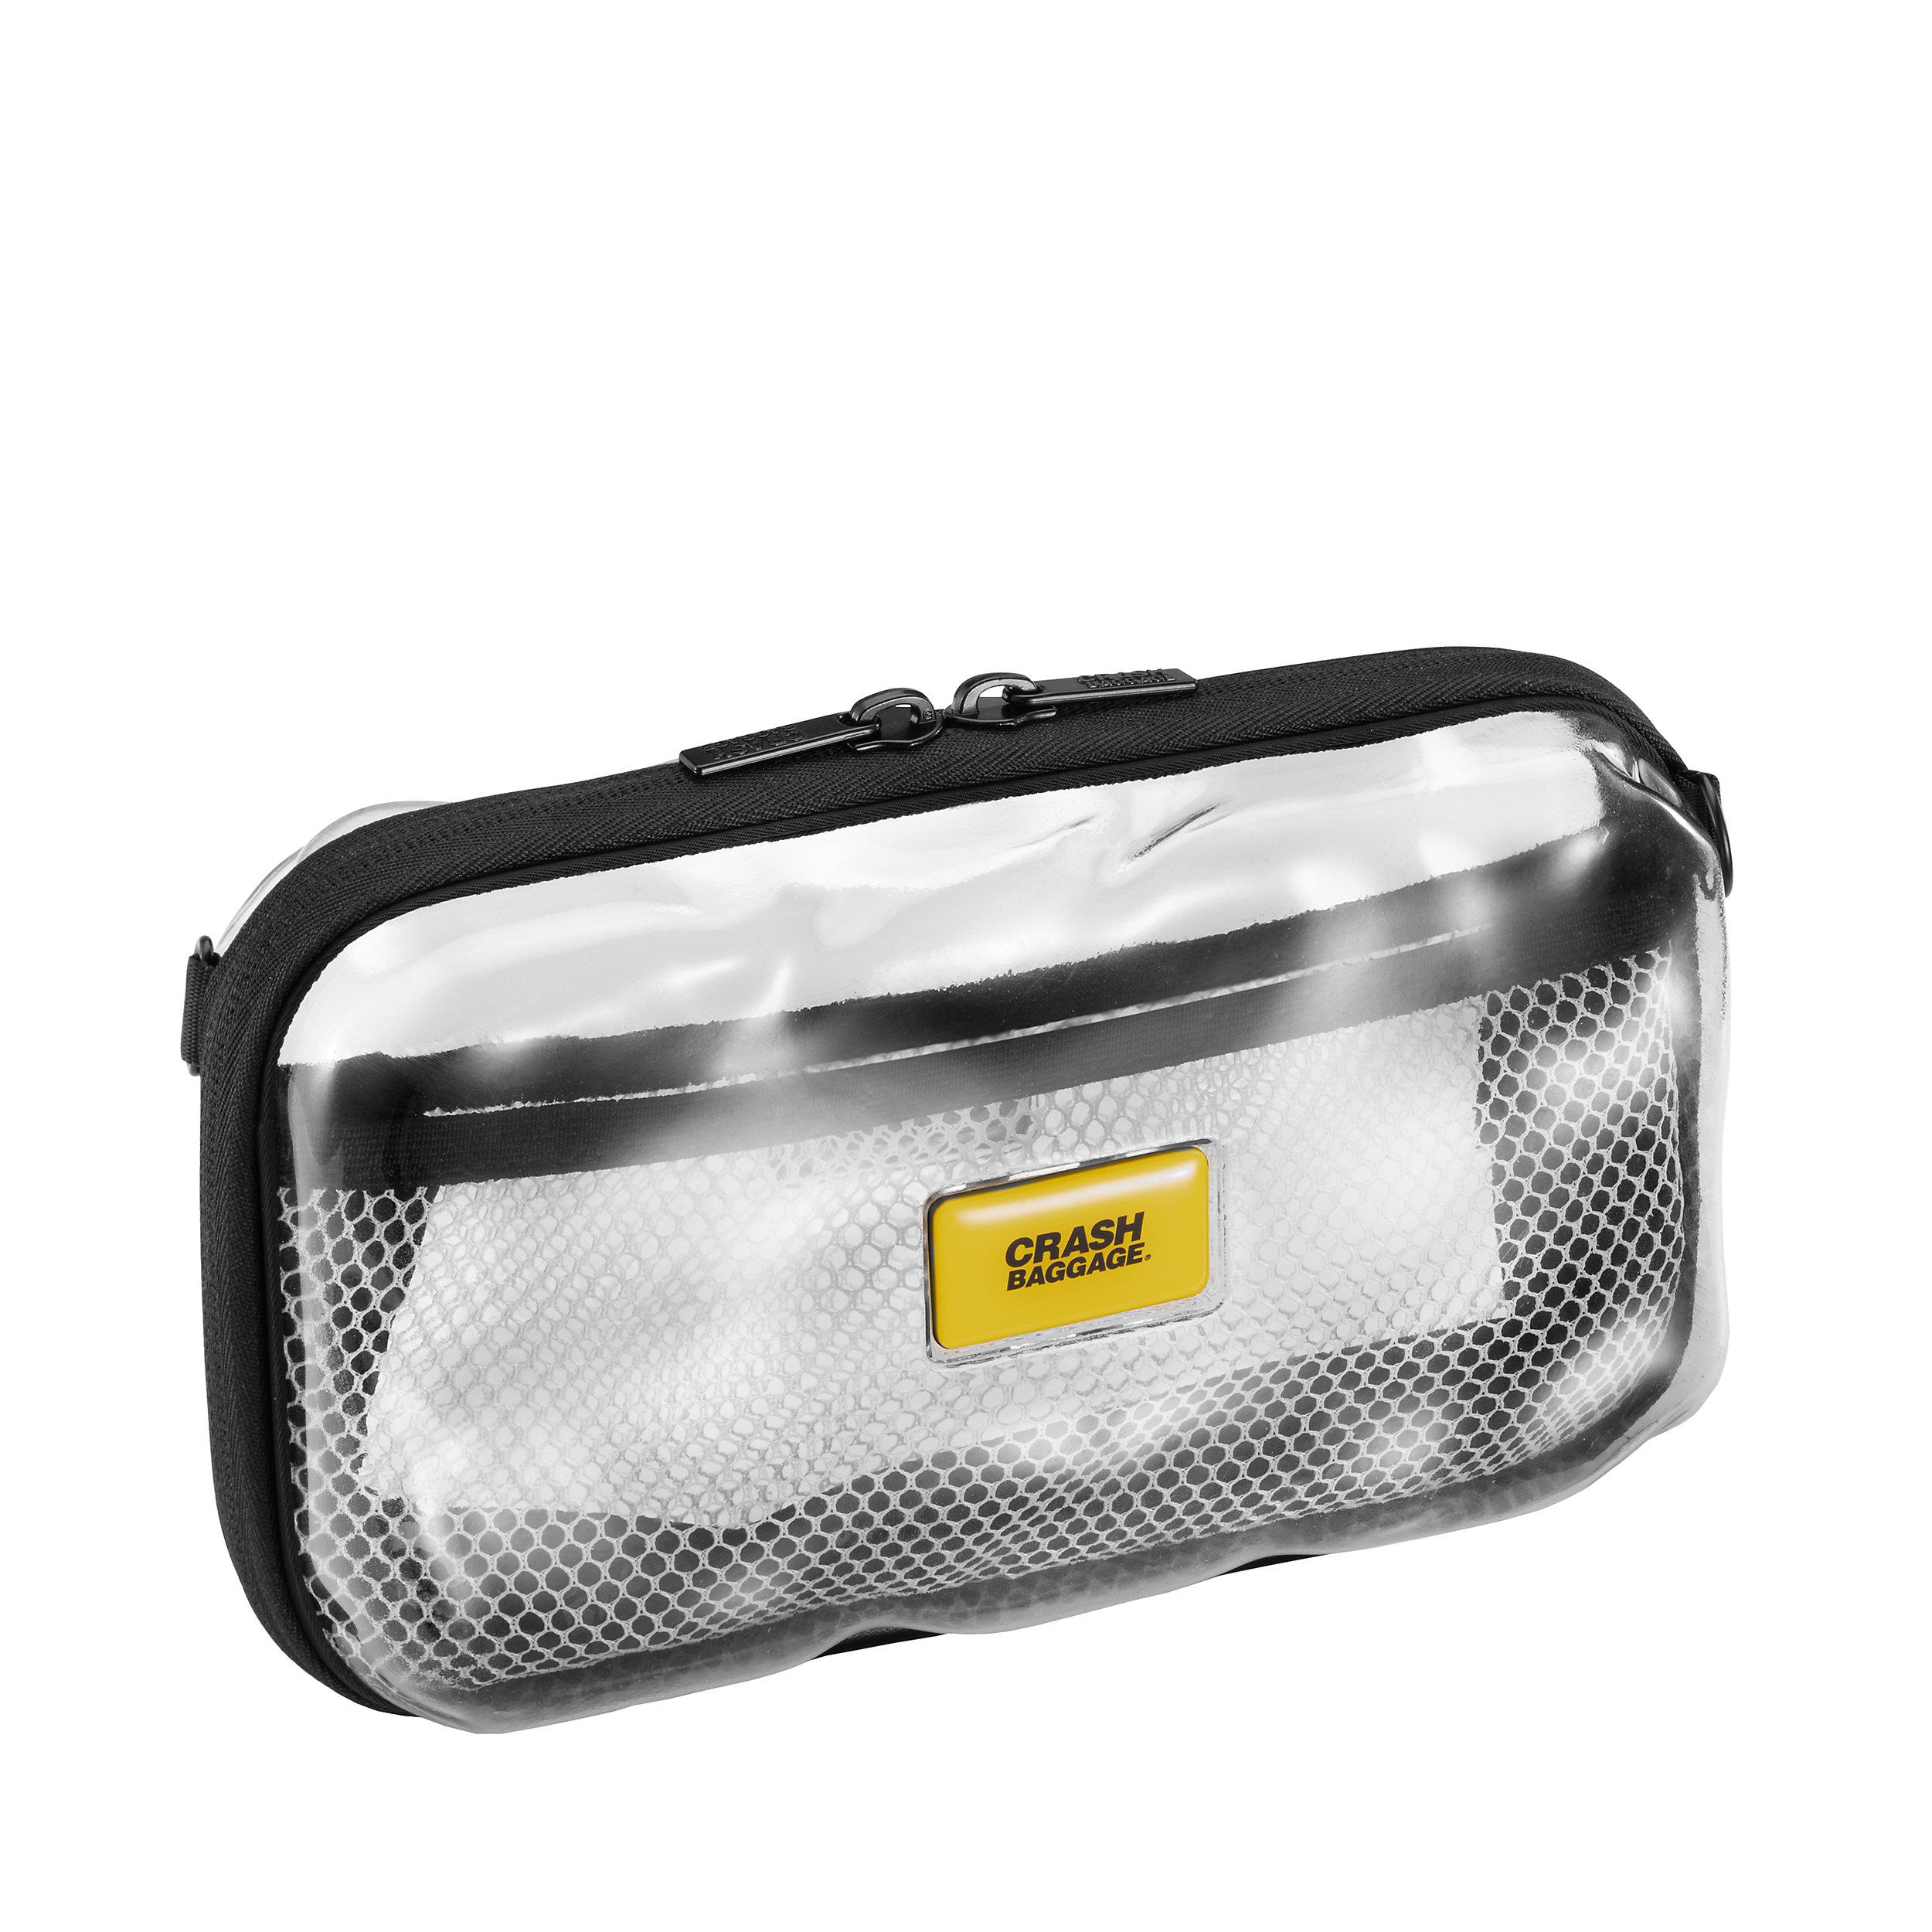 Crossbody Bag Hard Case Mini Share 2.1 Liter